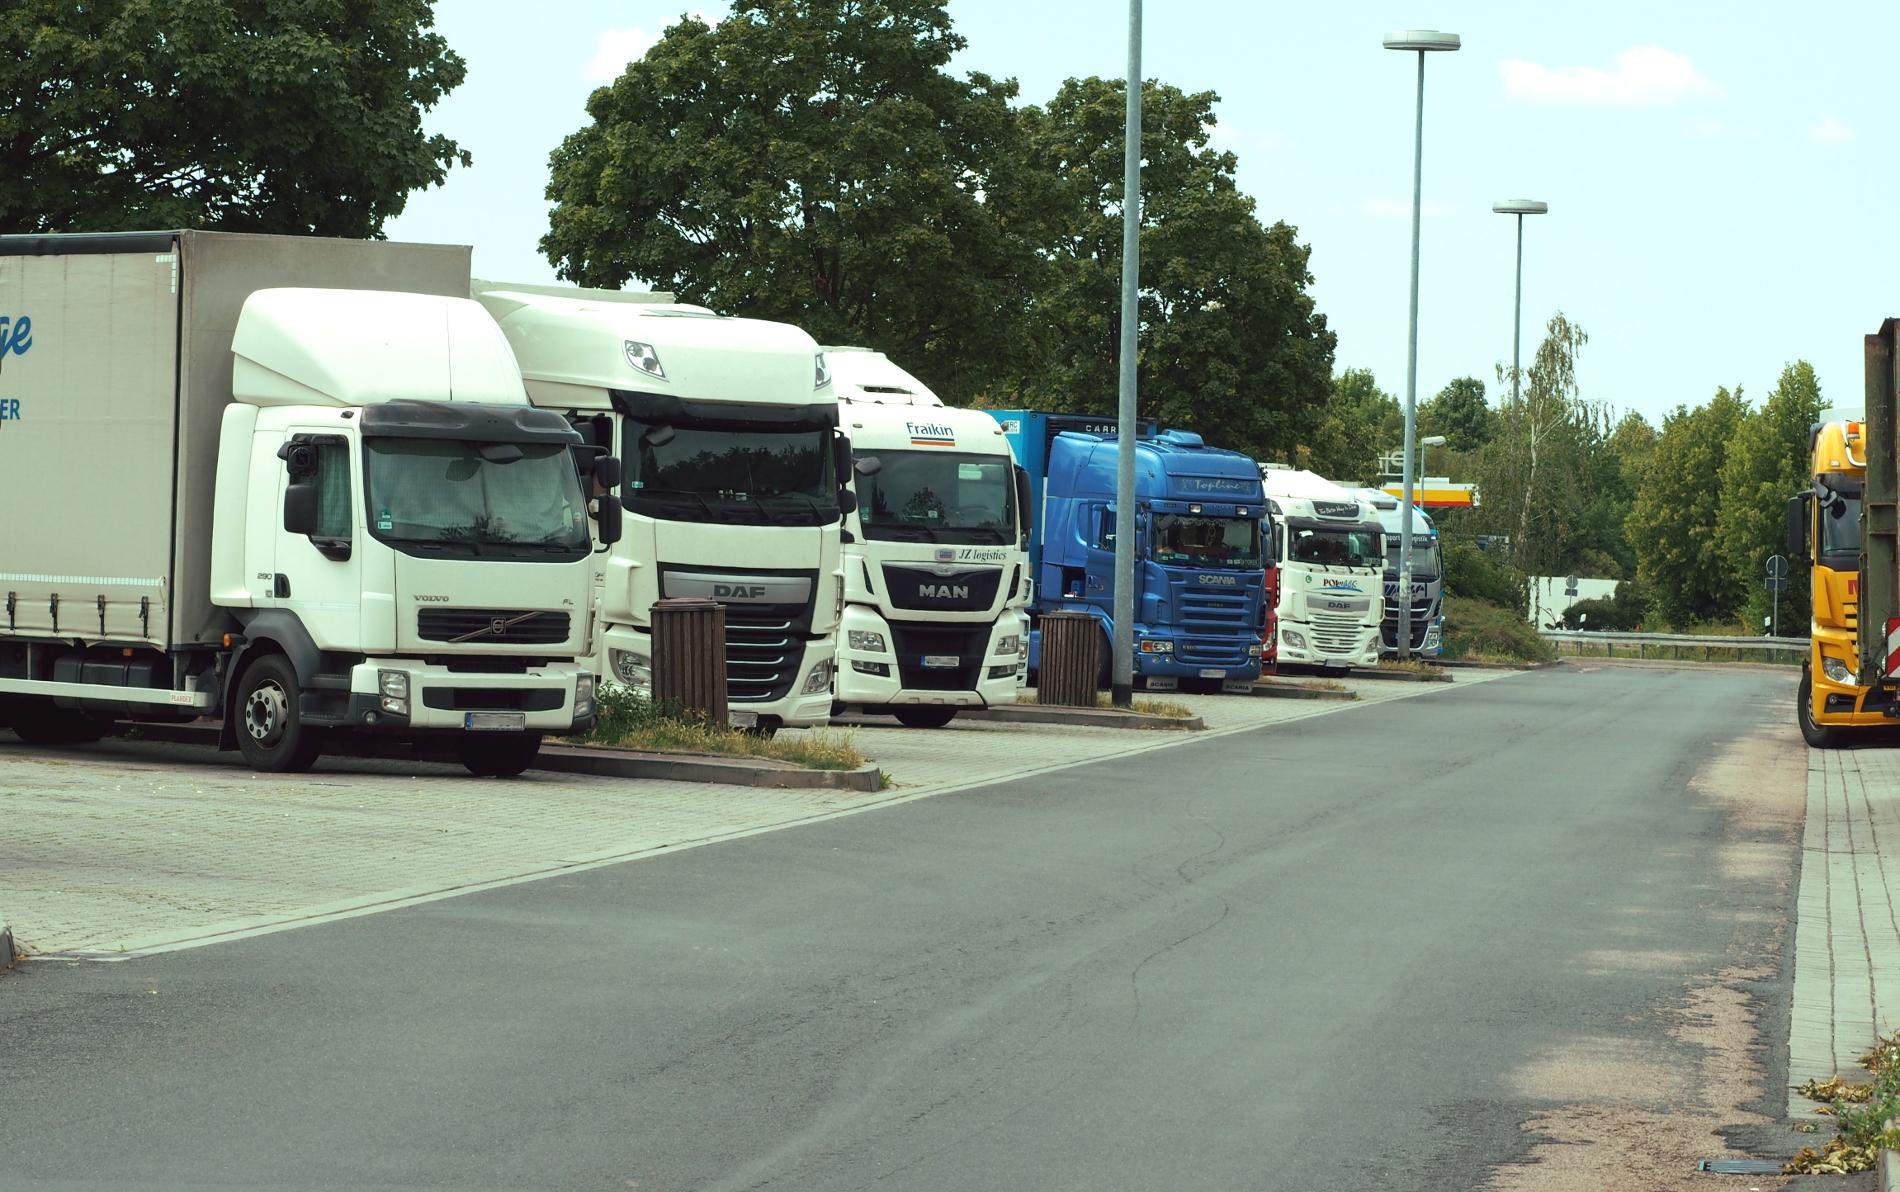 Sunkvežimių eismo apribojimai rugsėjo mėnesį. Šventės Čekijoje ir Slovakijoje bei papildomi apribojimai Bulgarijoje